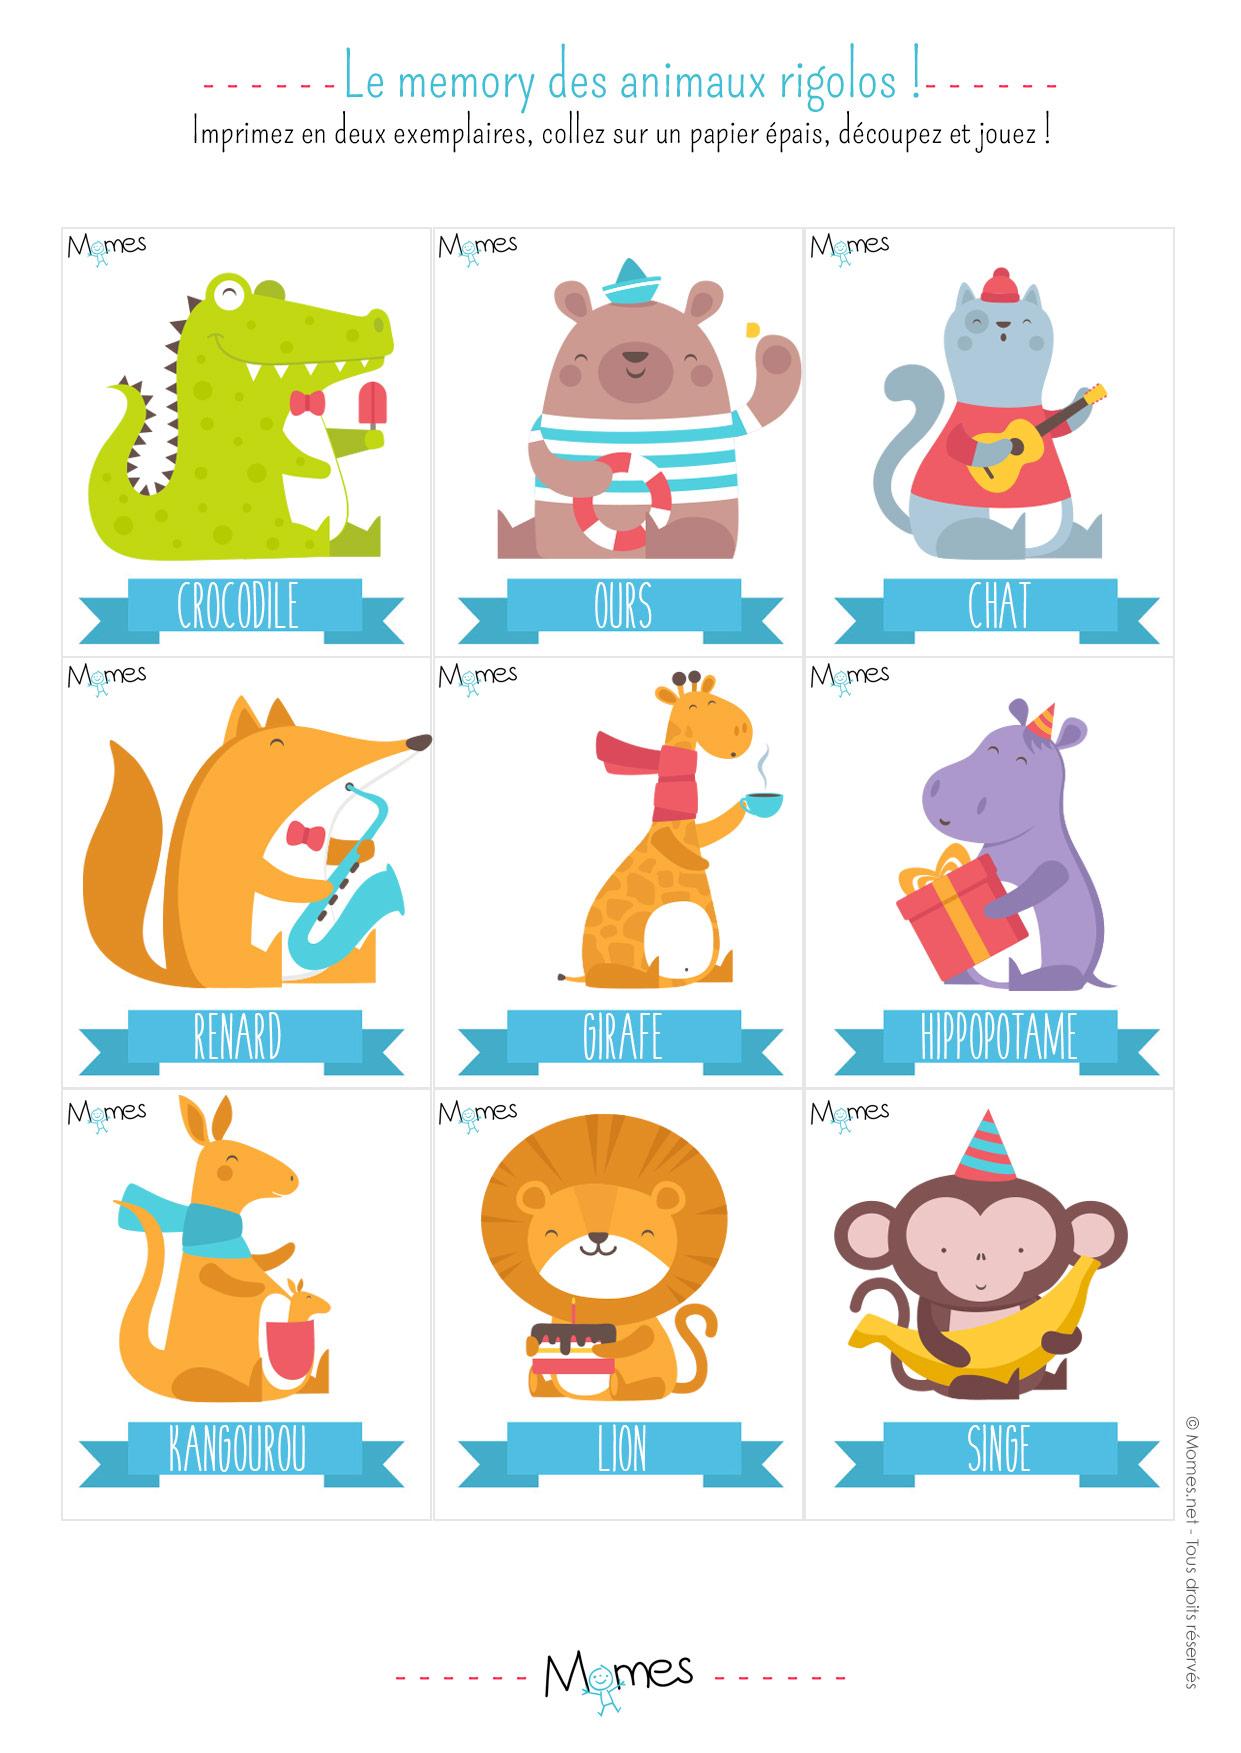 Memory Animaux - Jeu À Imprimer - Momes pour Apprendre Les Animaux Pour Bebe